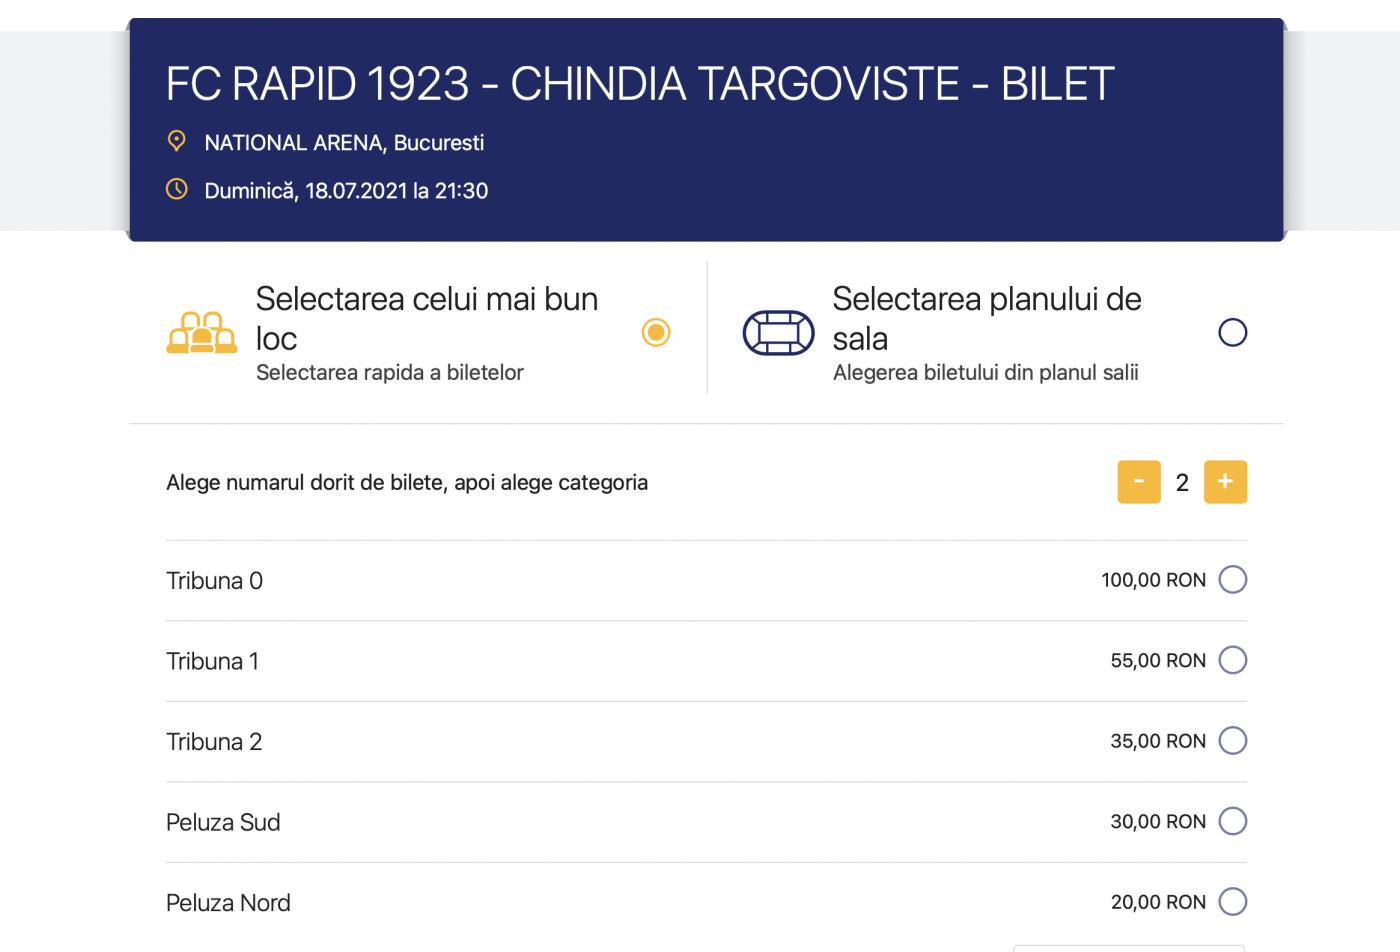 Așa arată platforma Eventim, unde scrie clar că poți achiziționa bilet la tribuna 0 în schimbul a 100 de lei